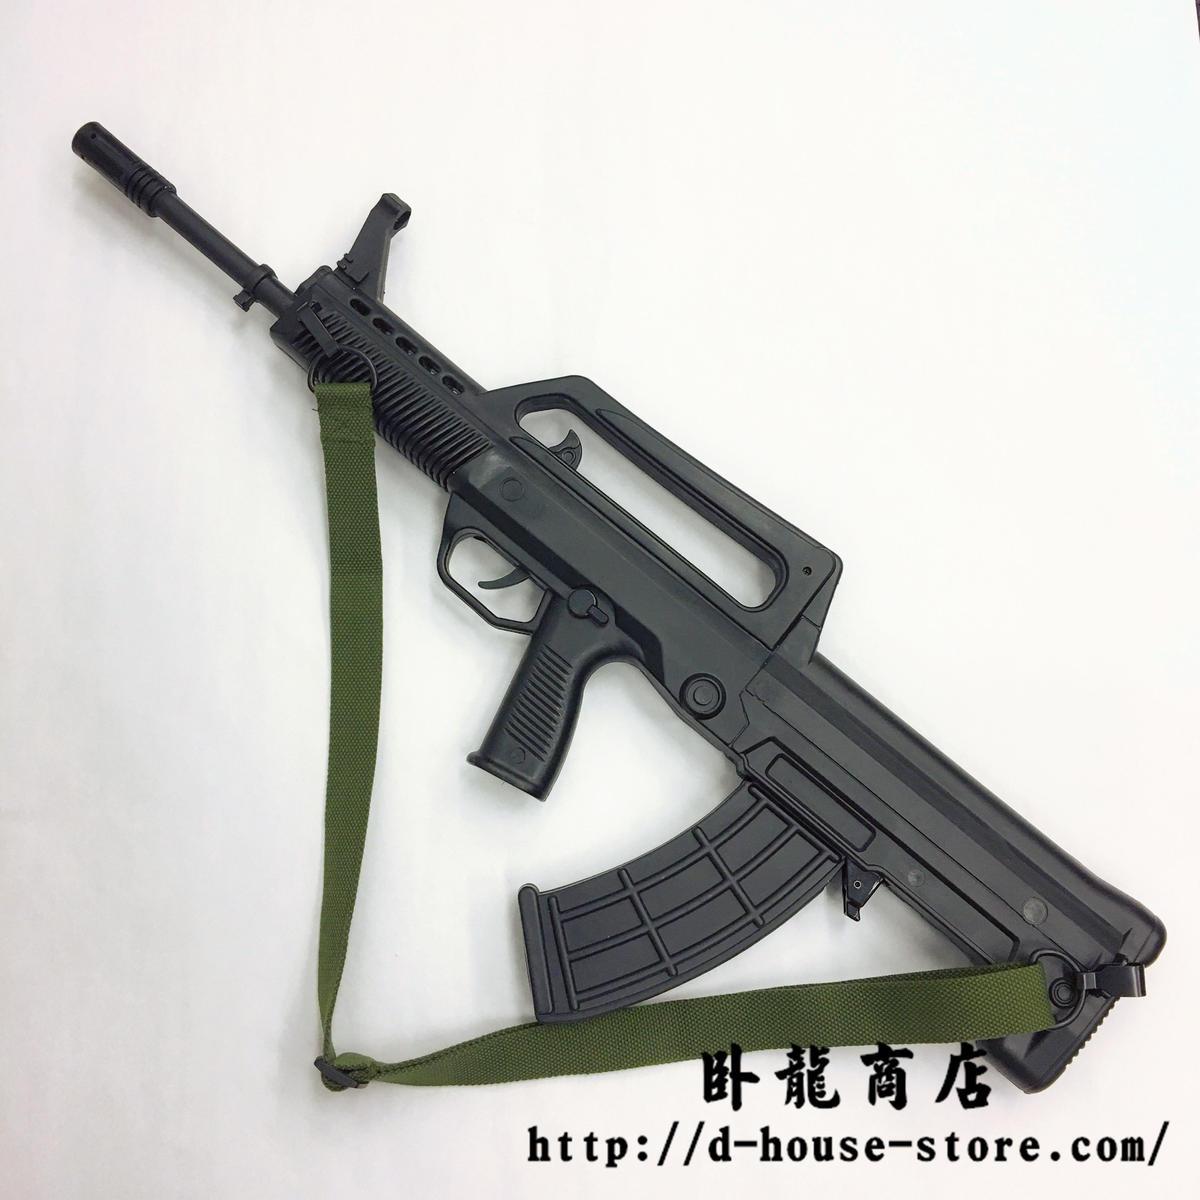 中国人民解放軍 QBZ95-1式自動歩銃 訓練用プラスチック製ダミー ...